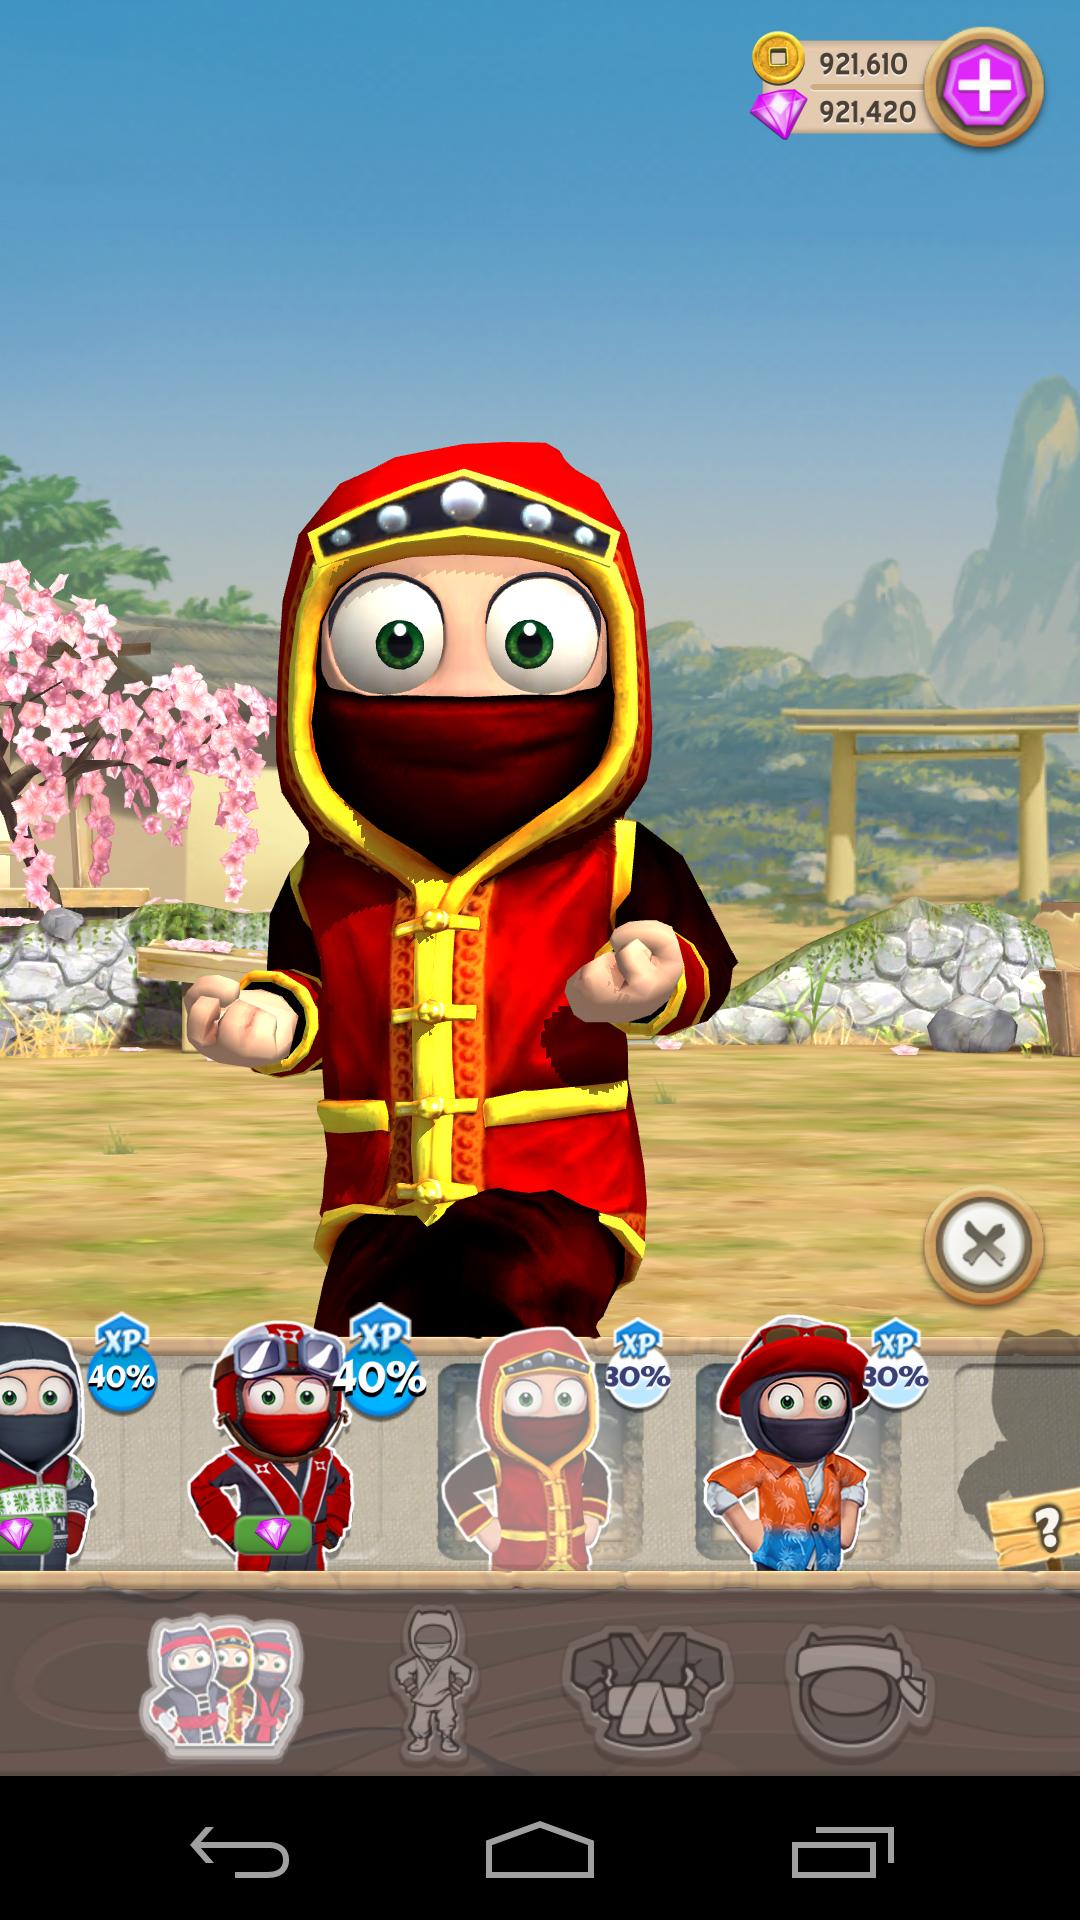 Clumsy-Ninja-Mod-Apk-7.png